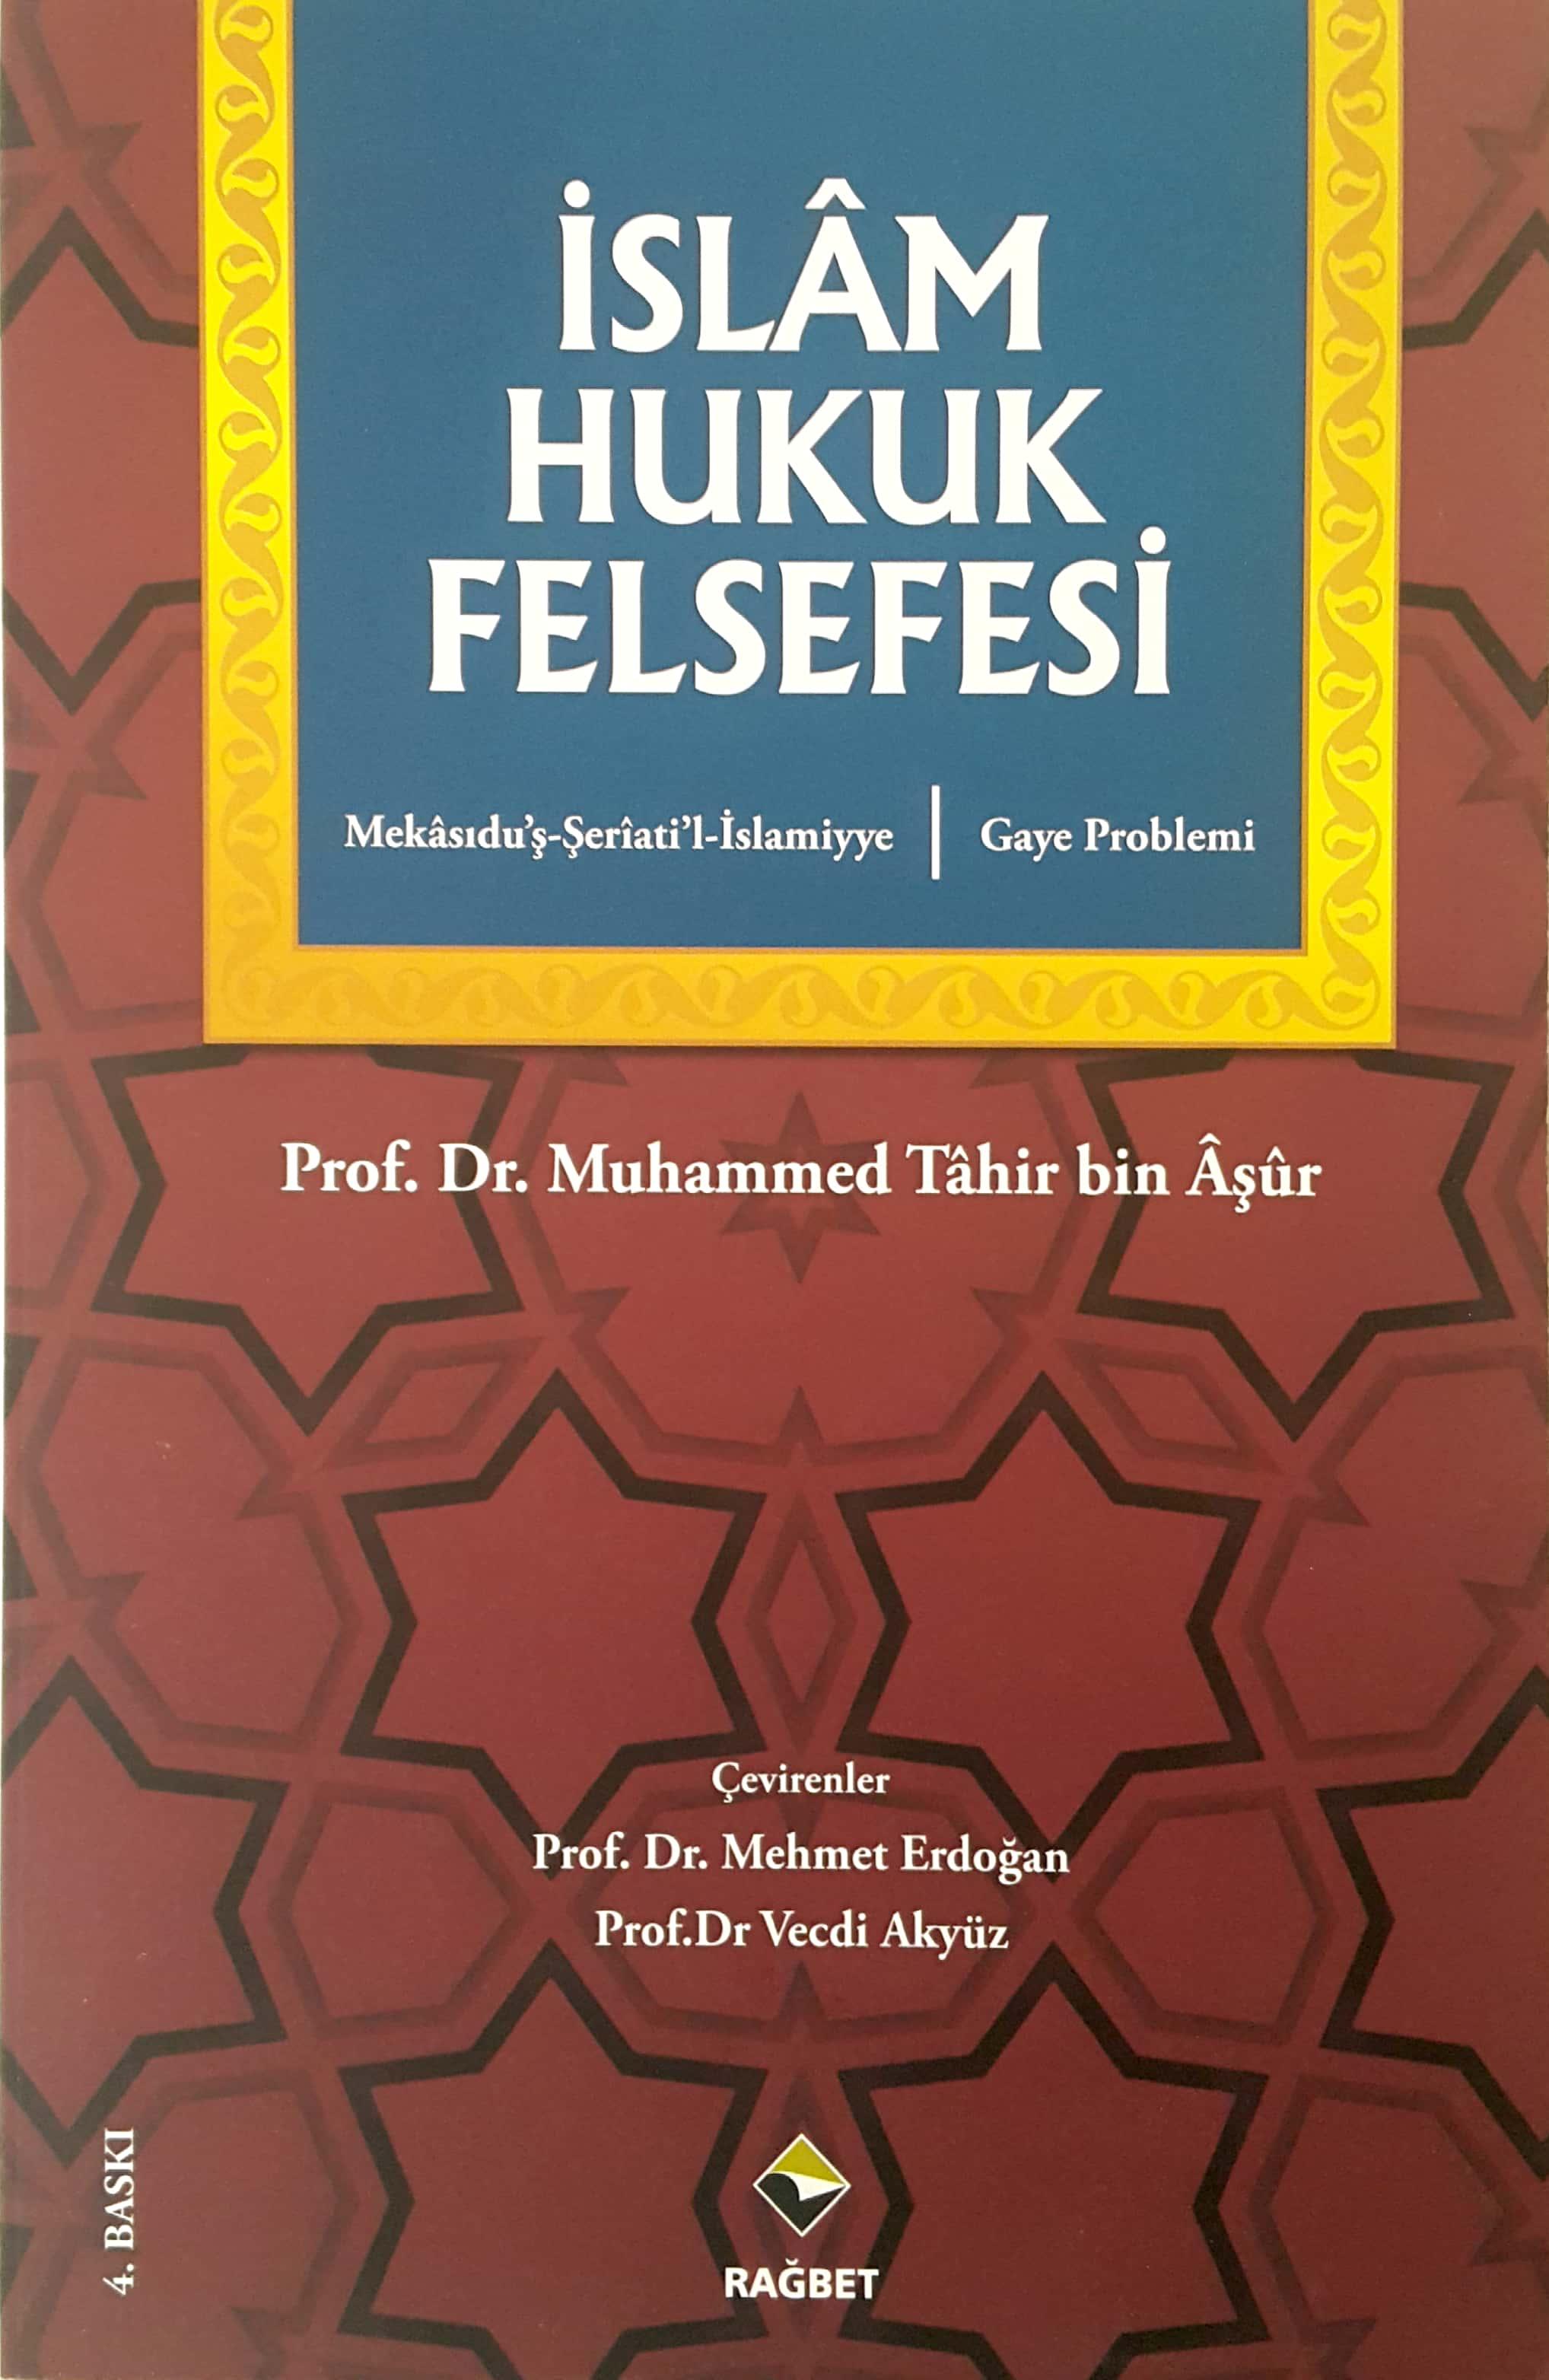 İslâm Hukuk Felsefesi; Gaye Problemi, Mekasıdu'ş-şeri'ati'l-islamiyye